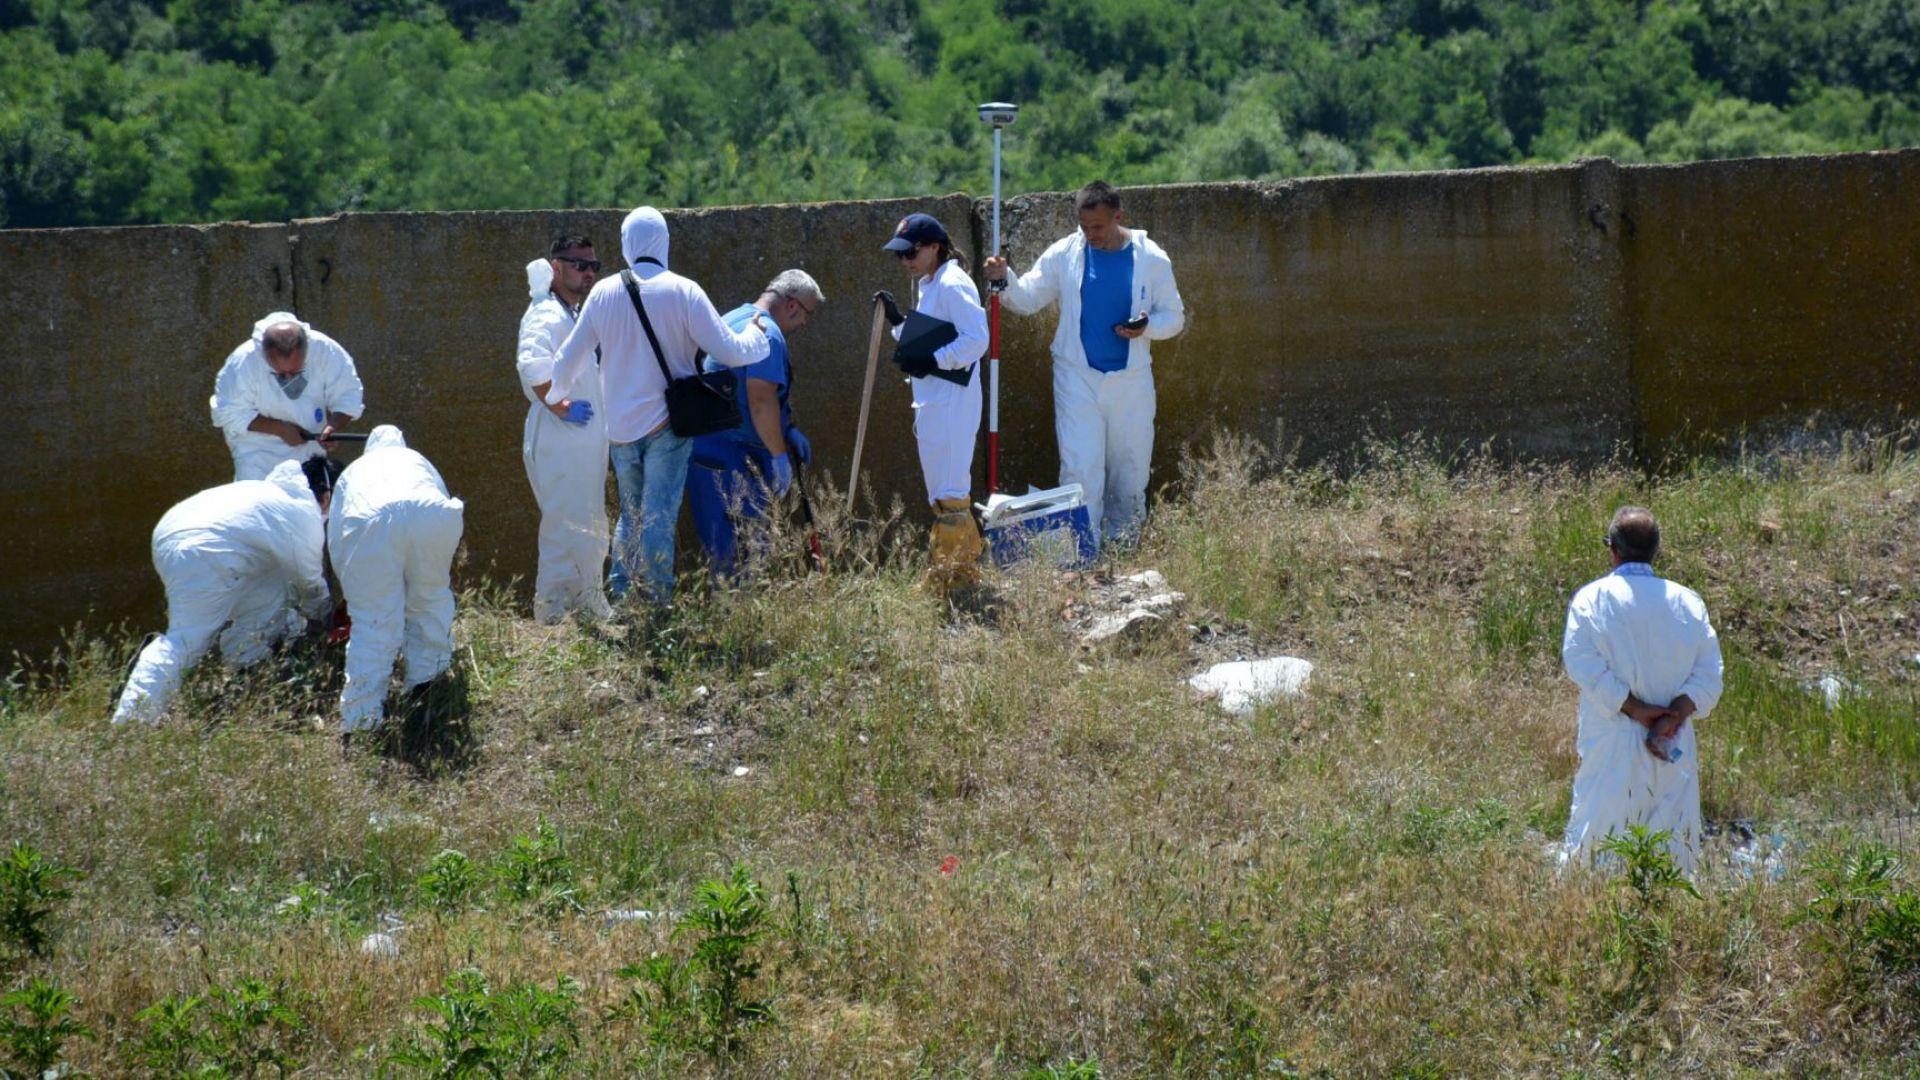 Прокурори откриха около 40 т отпадъци, заровени в бившето ТКЗС край Червен бряг (снимки)